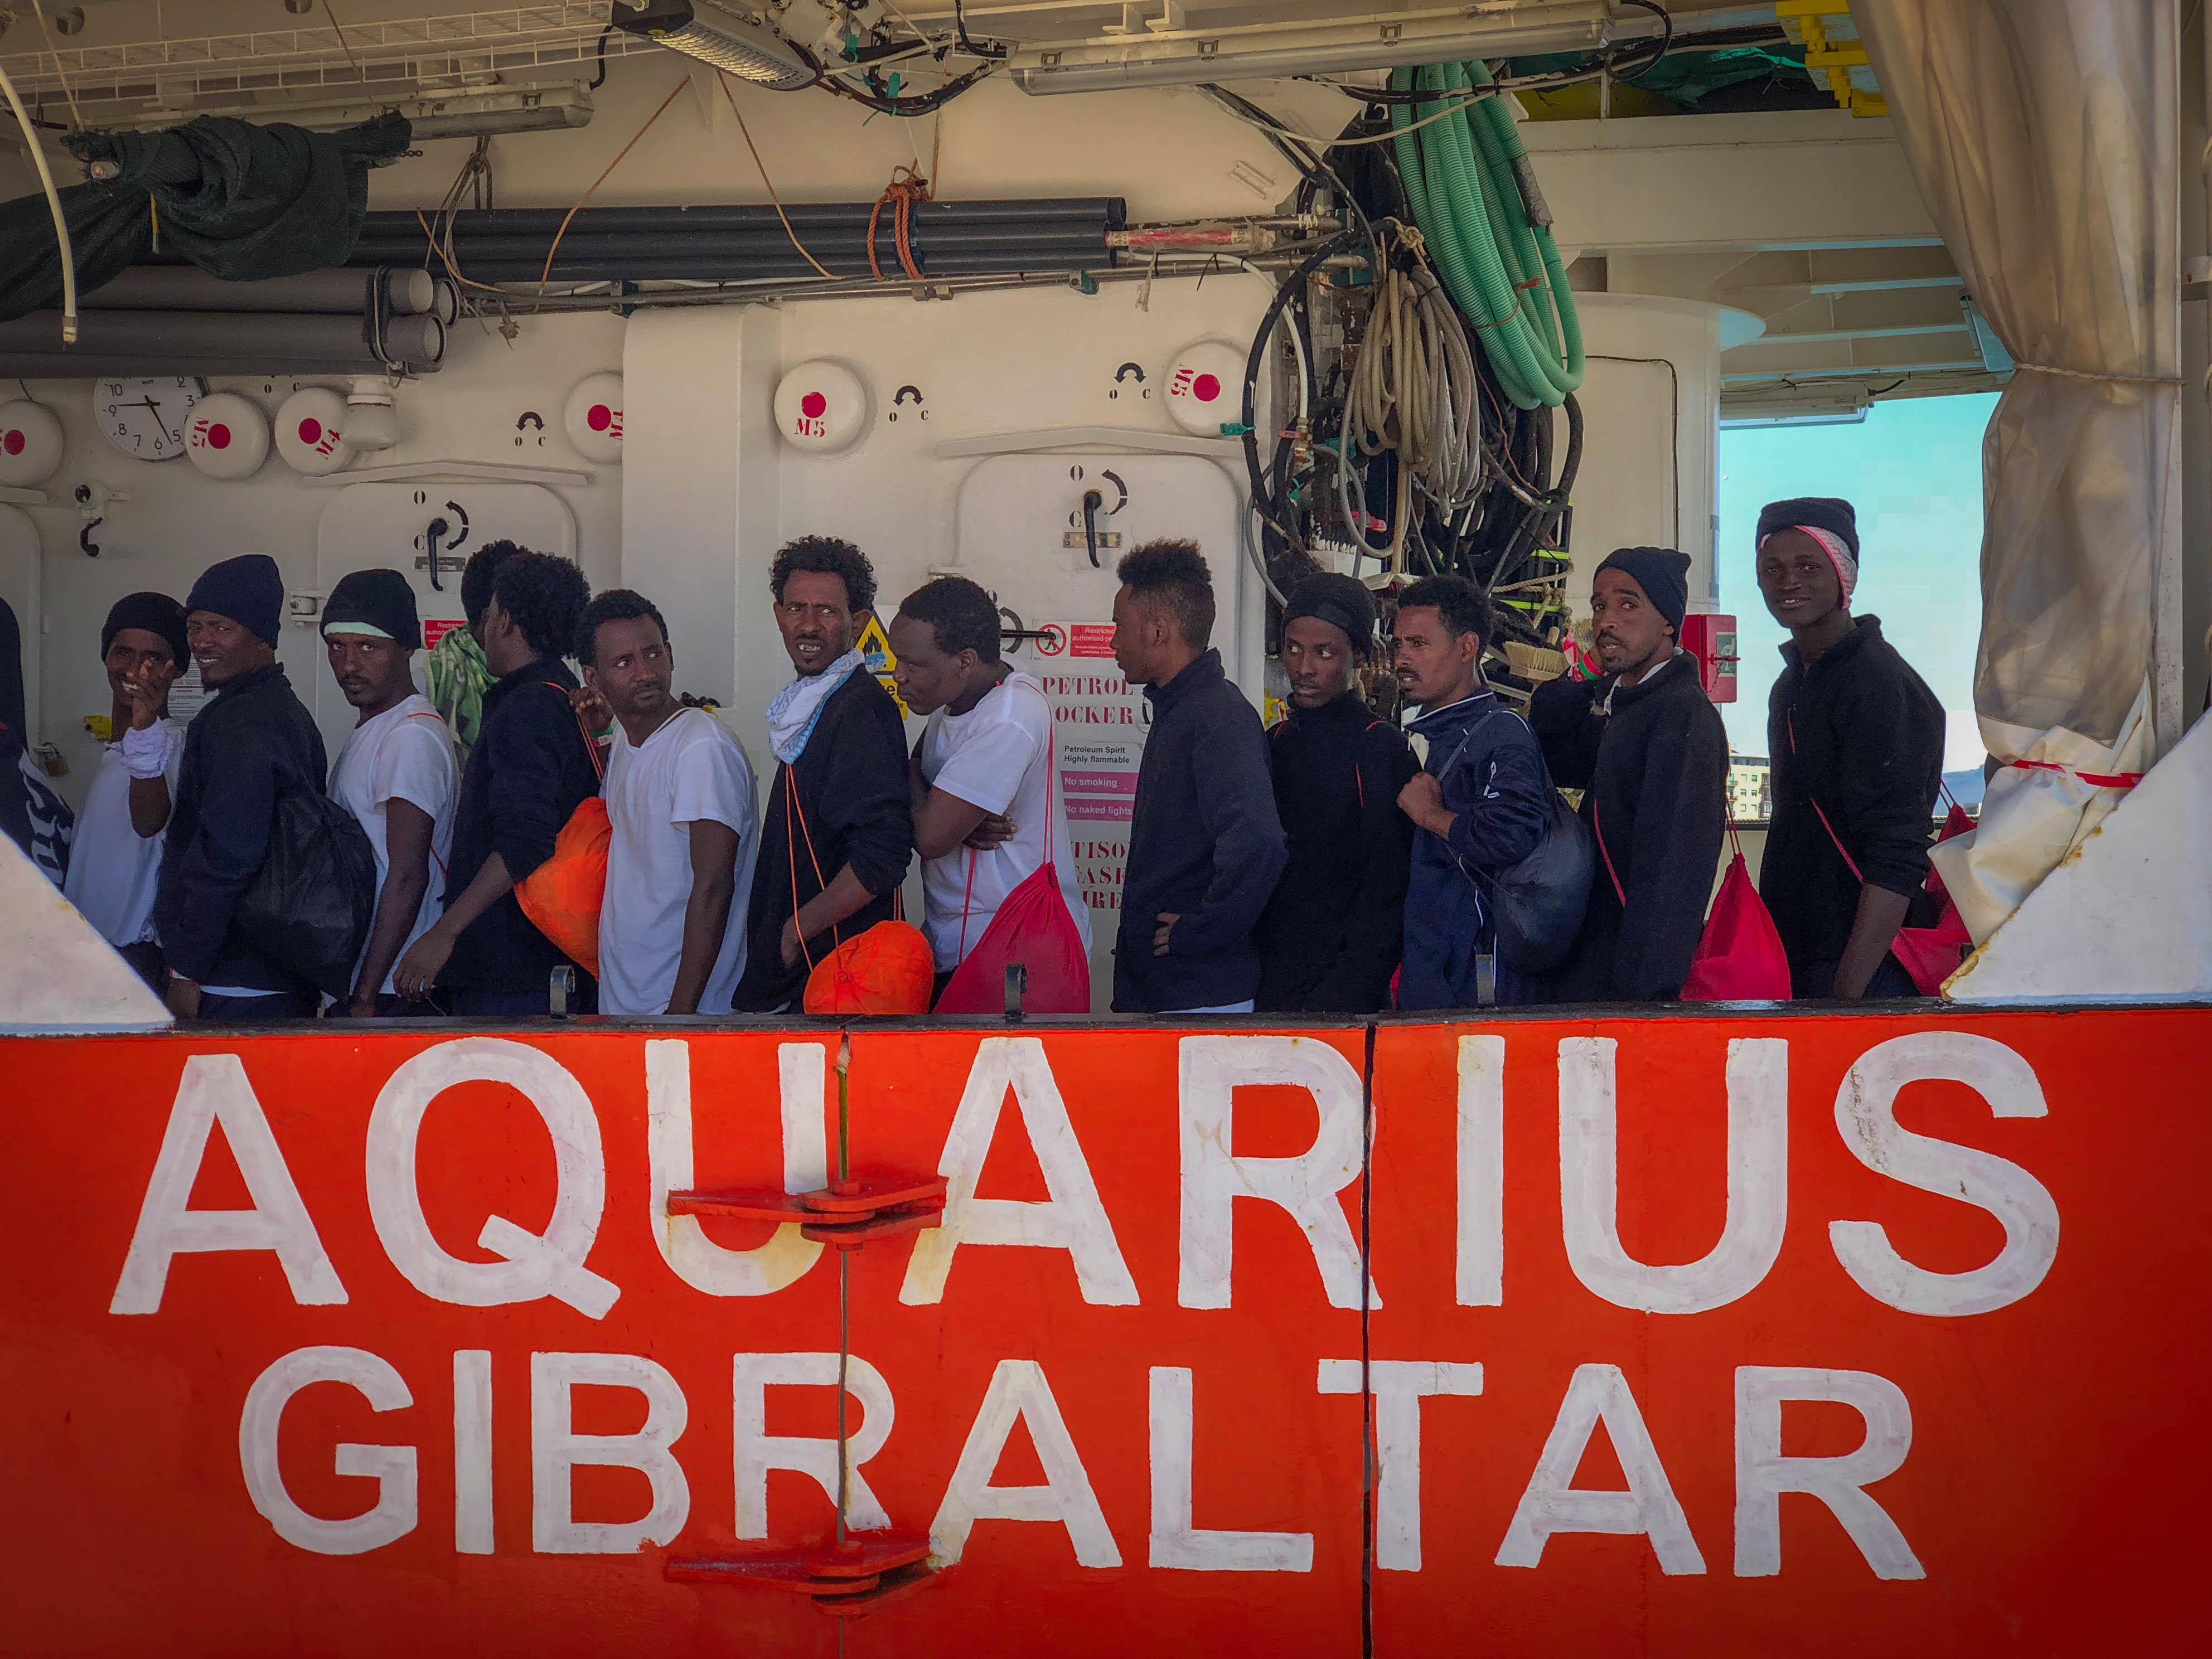 Des migrants sur l'Aquarius s'apprêtent à débarquer dans le port de Trapani en Sicile.